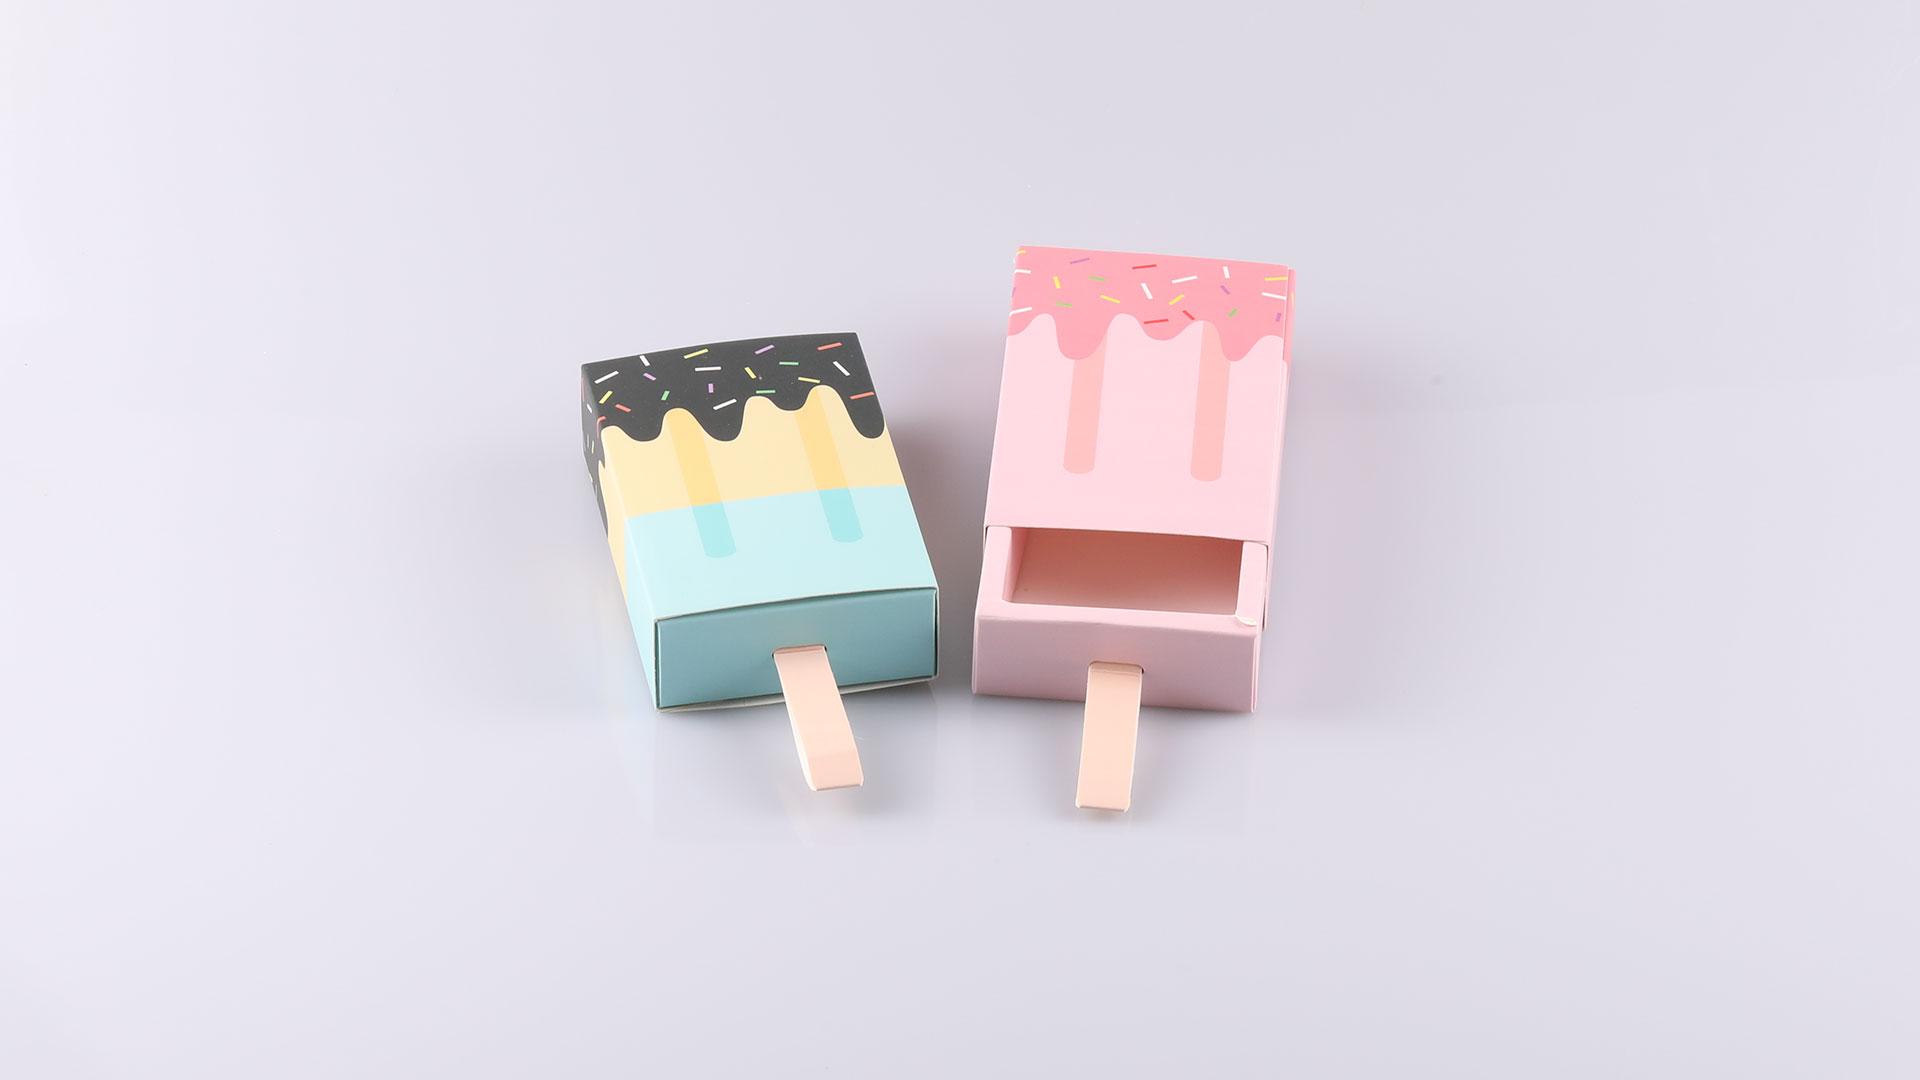 Jégkrém formájú kártyatok plasztik kártyához